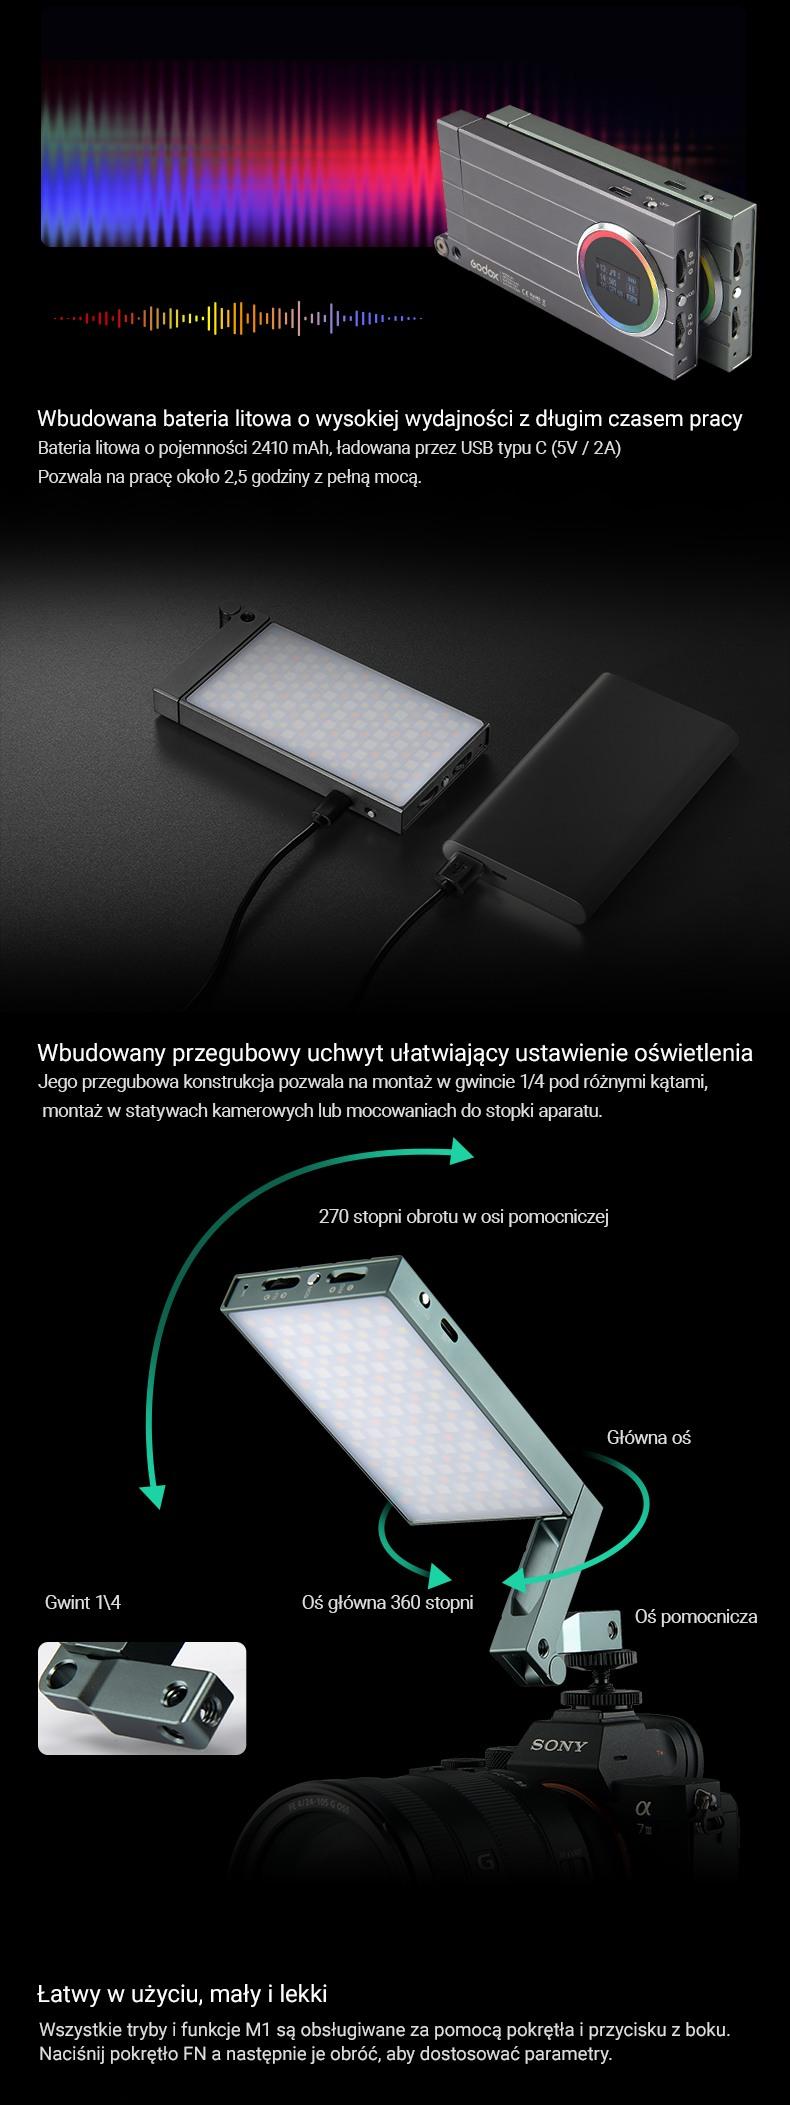 Godox M1 RGB bateria litowa o wysokiej wydajności z długim czasem pracy. Łatwy w użyciu, lekki i mały. Pozwala na pracę 2,5 godziny z pełną mocą. Wbudowany uchwyt przegubowy.